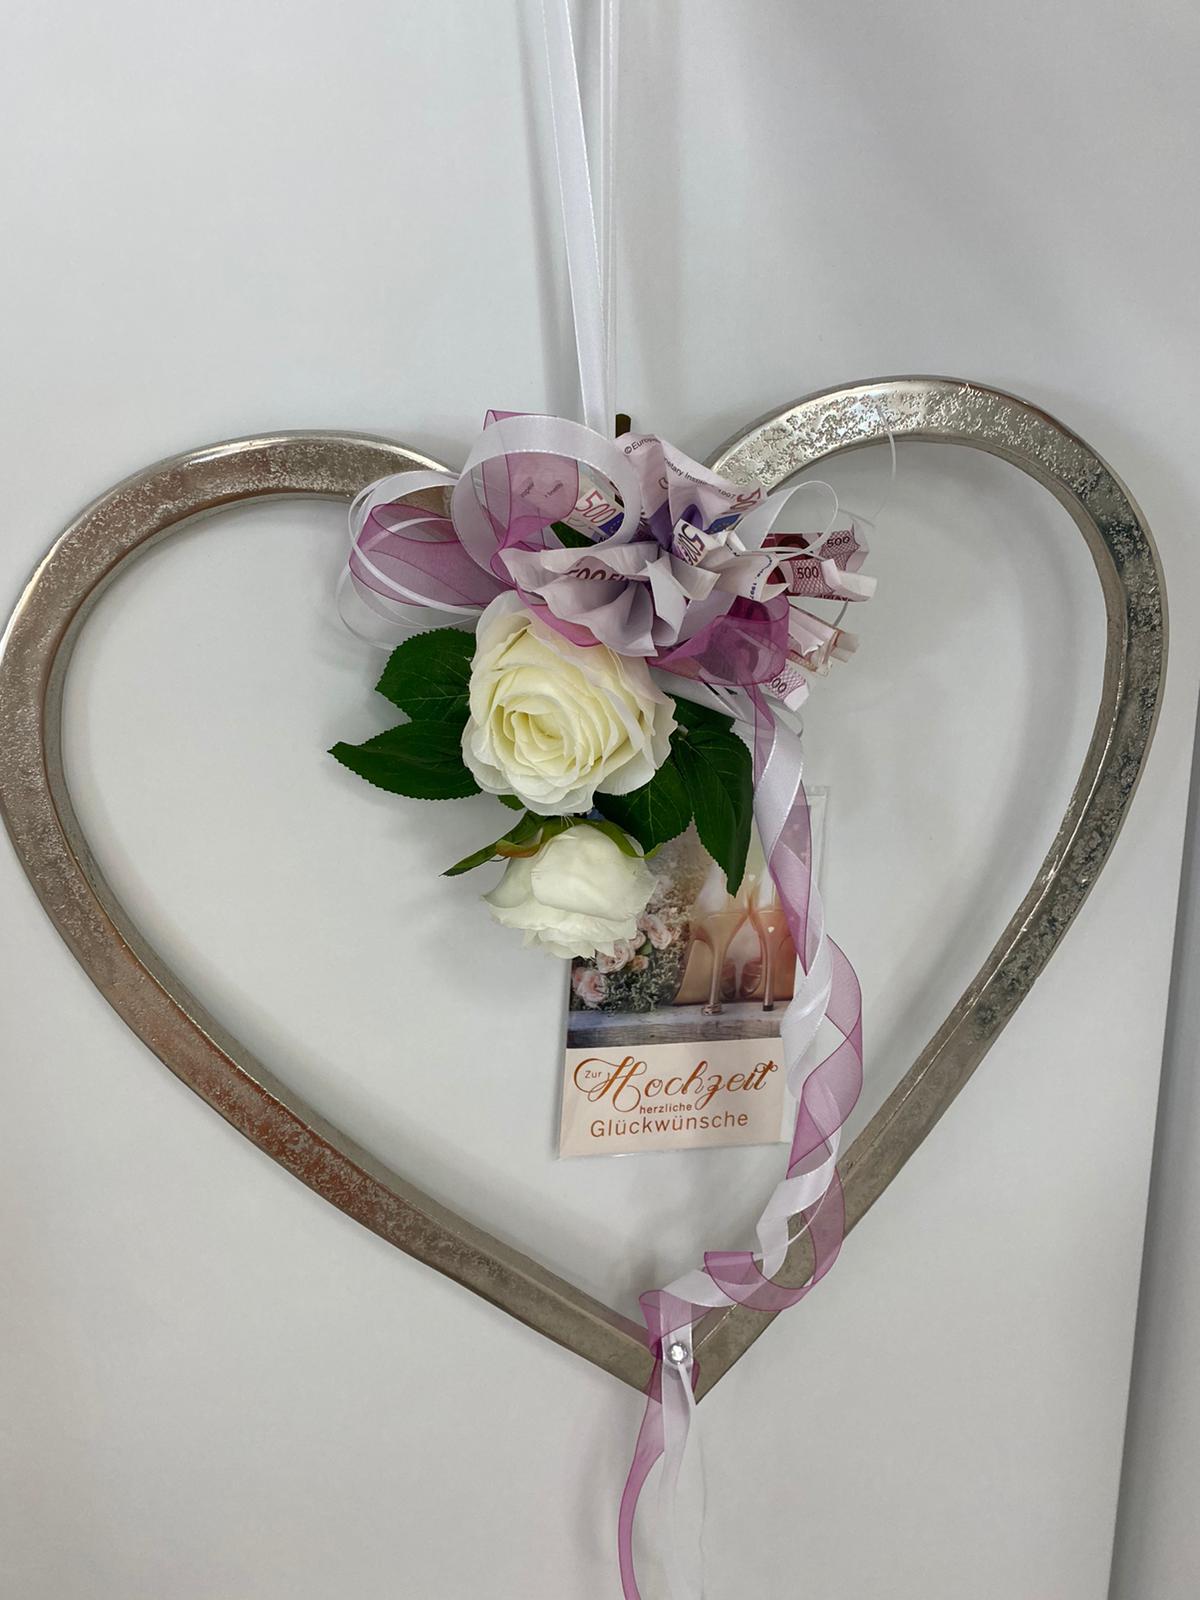 Hochzeitsgeschenk Schmid Zell